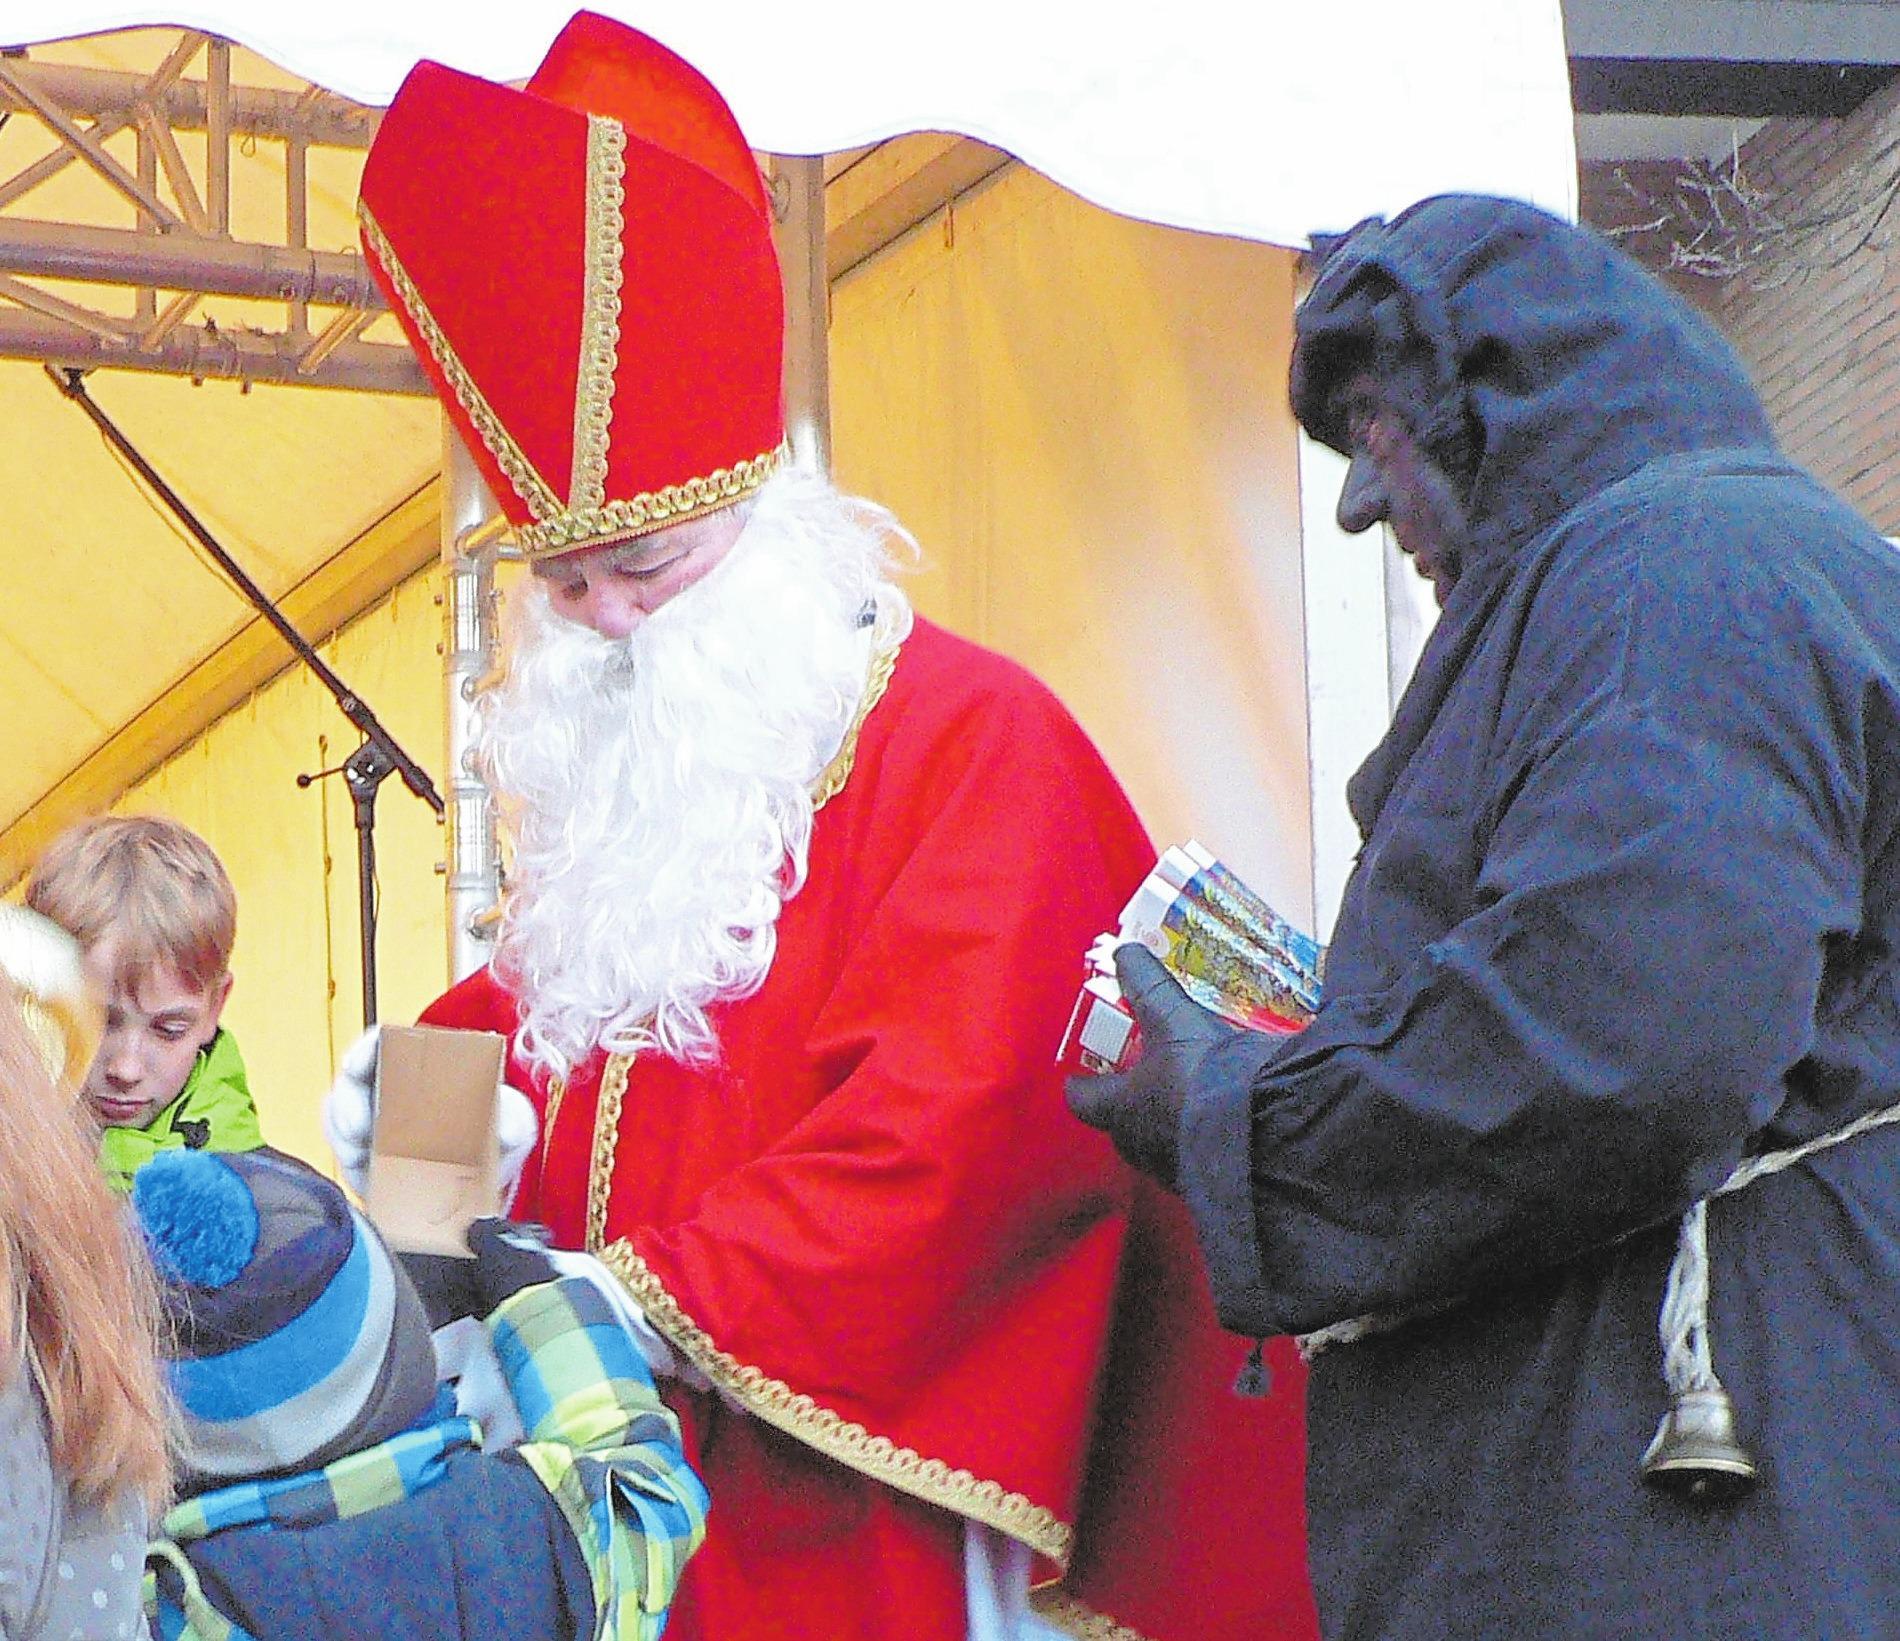 Der Nikolaus kommt mit Knecht Ruprecht zum Weihnachtsmarkt nach Nordwalde.Foto: Weihnachtsmarkt Nordwalde